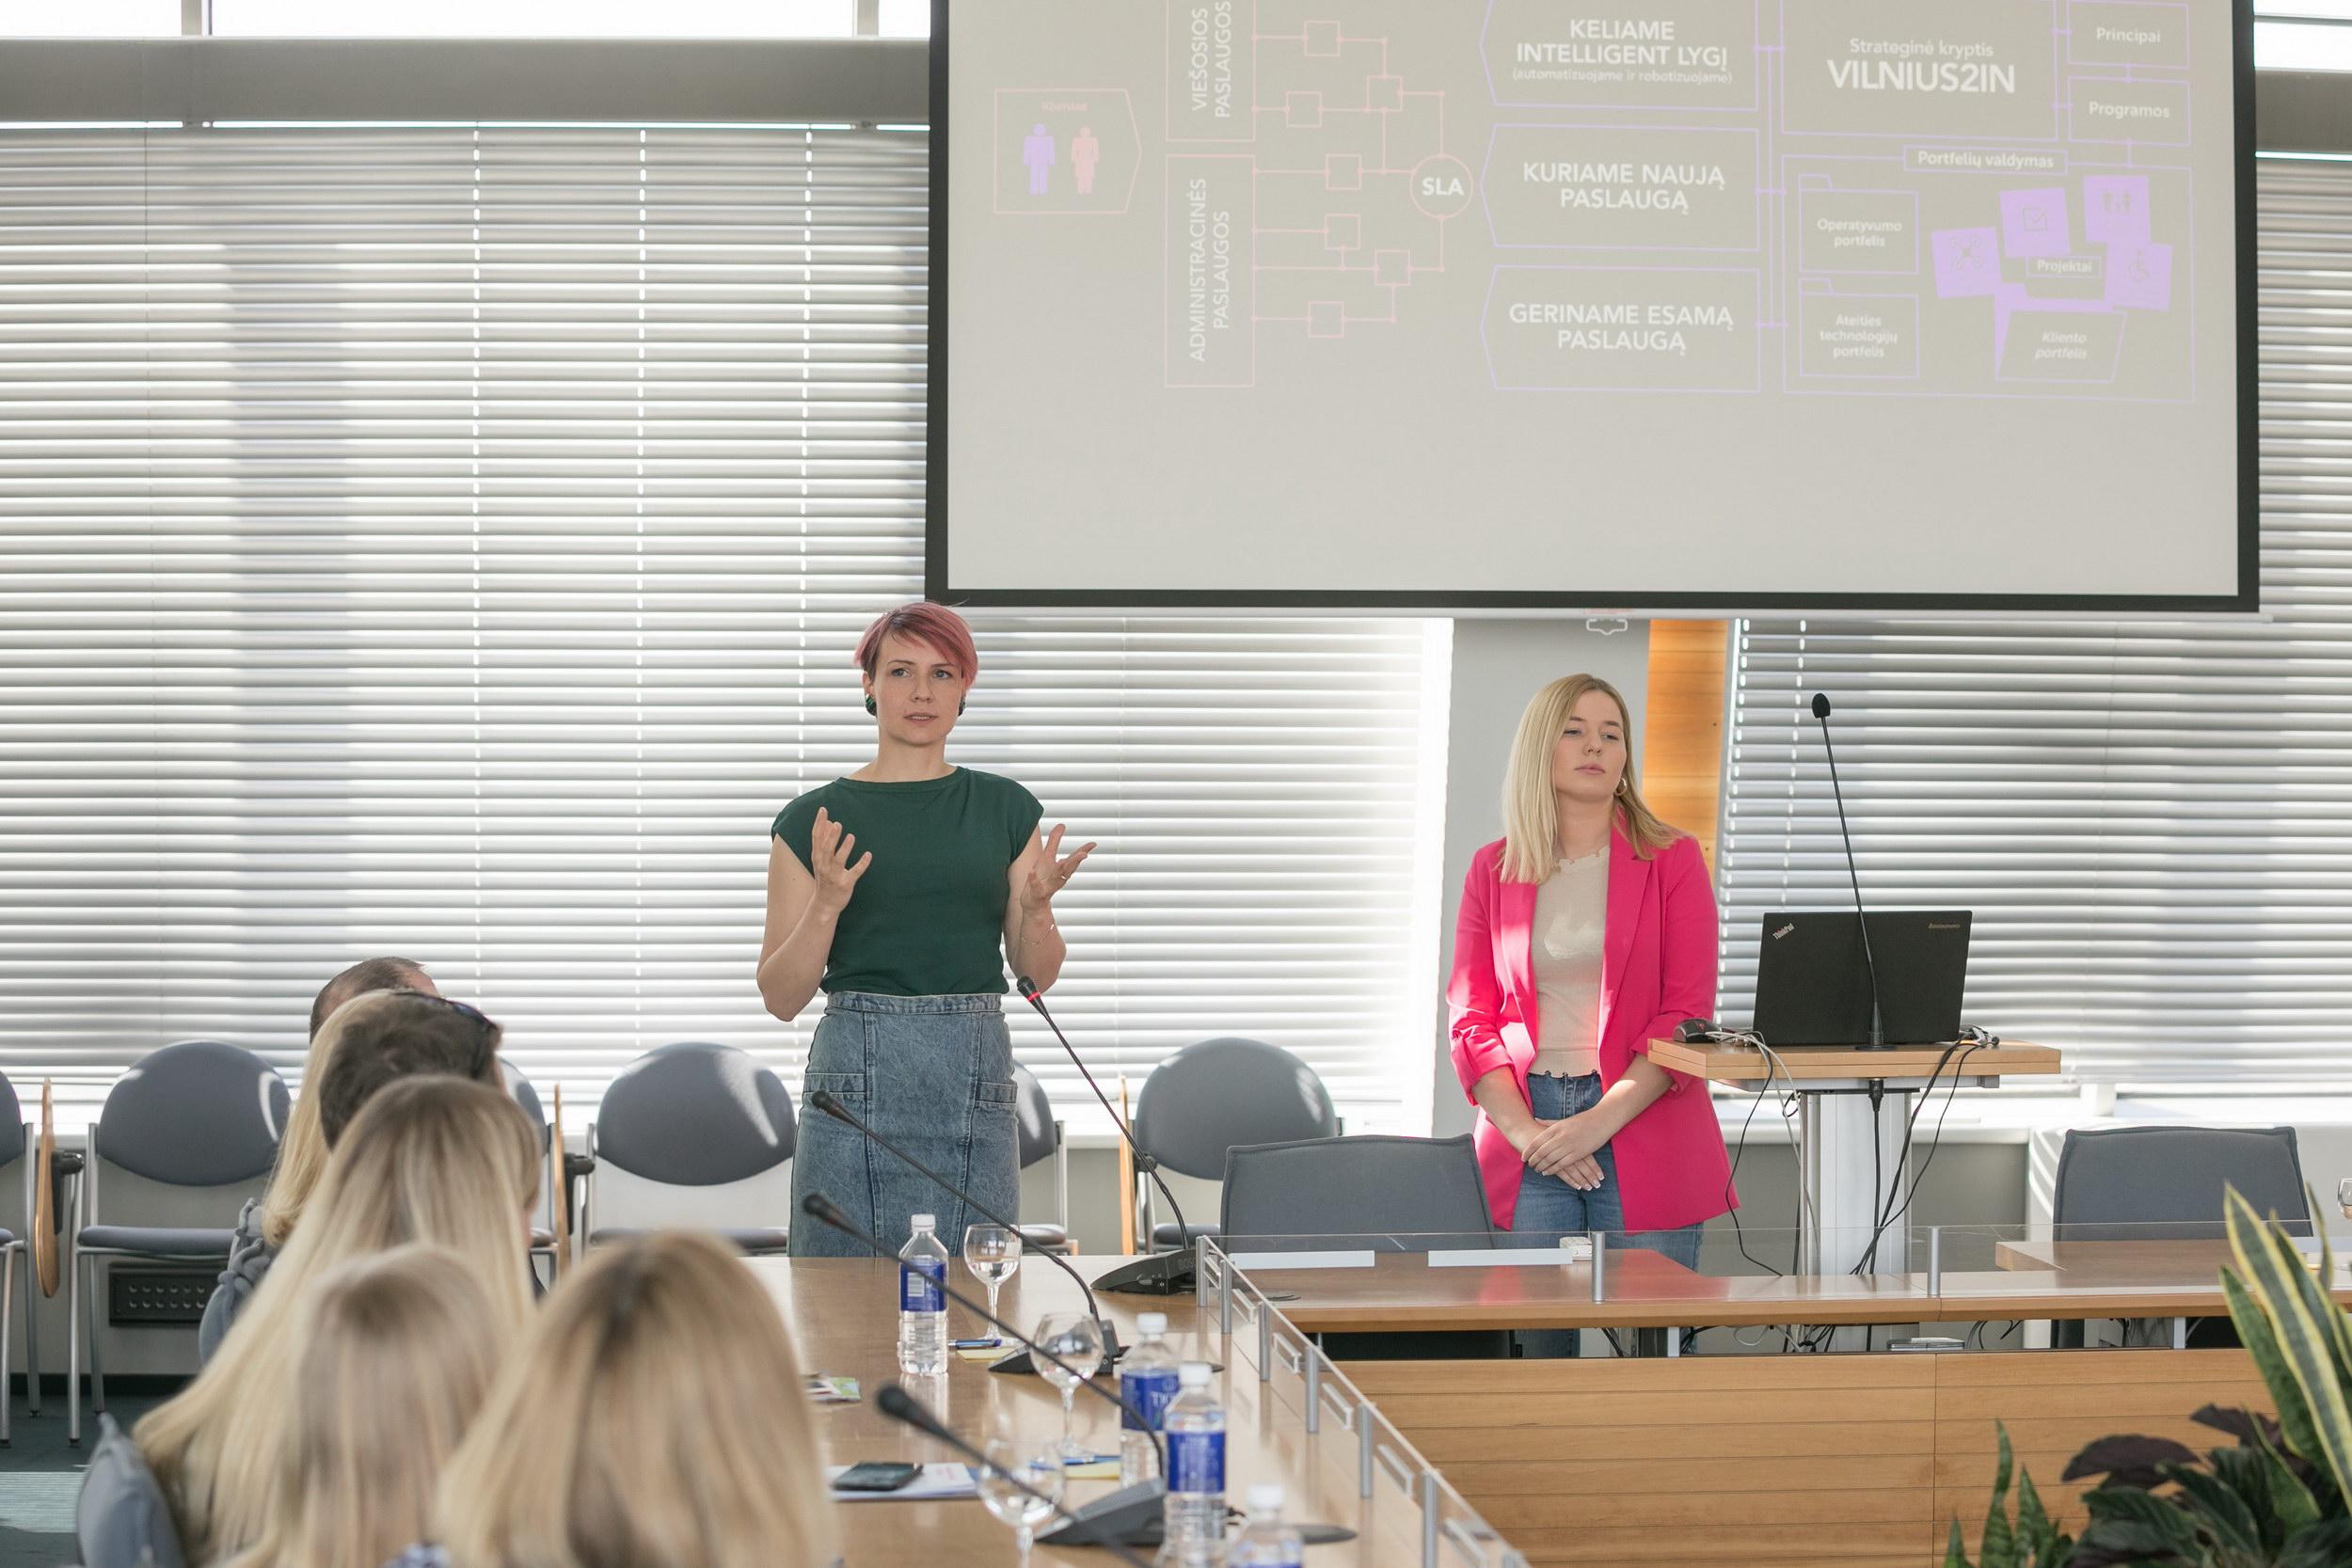 Skaitmeninio meistriškumo kryptį pasirinkęs Vilnius kviečia inovacijas kurti kartu